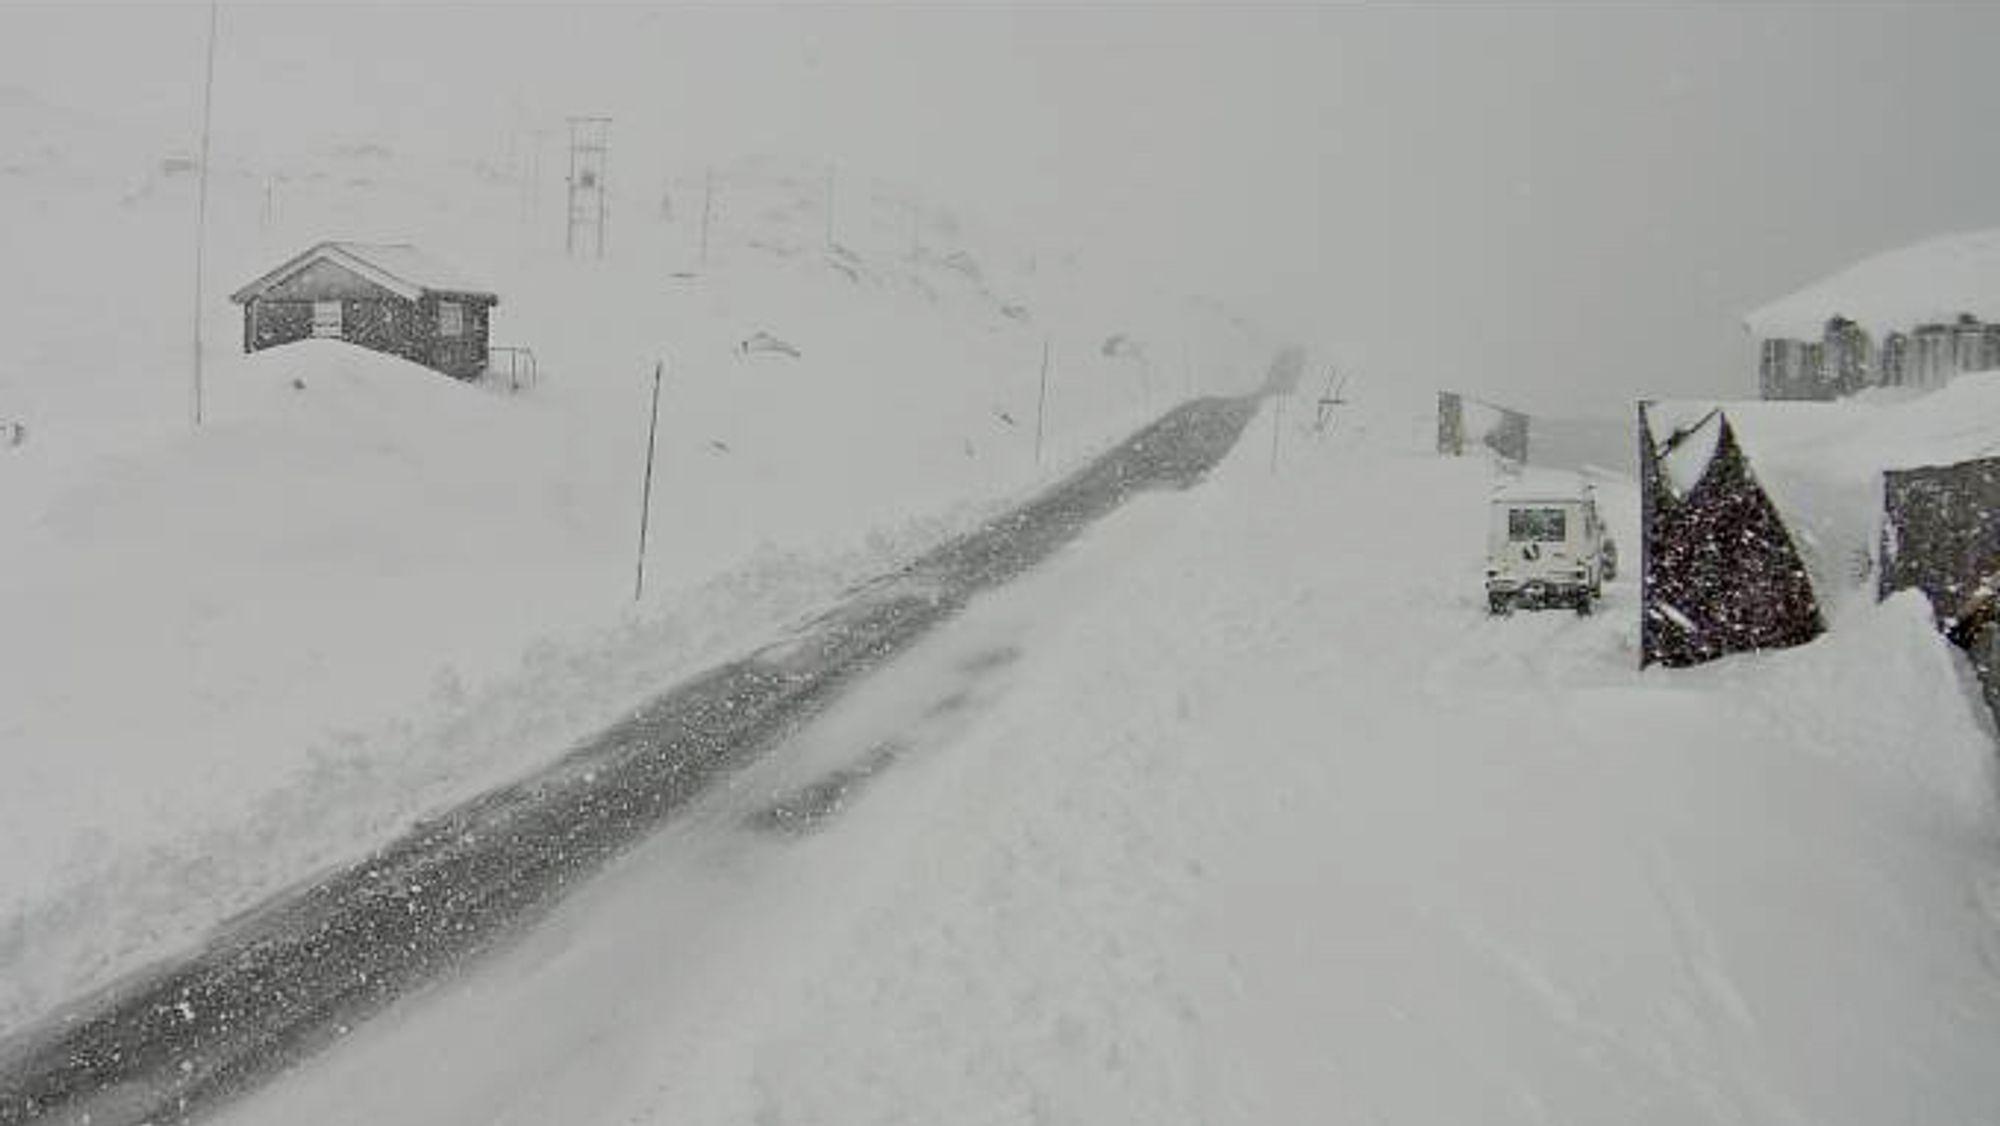 Vestlandet har fått mye nedbør denne helgen, og en lang rekke veier er stengt på grunn av ras. Dette bildet er fra riksvei 7 ved Dyranut.